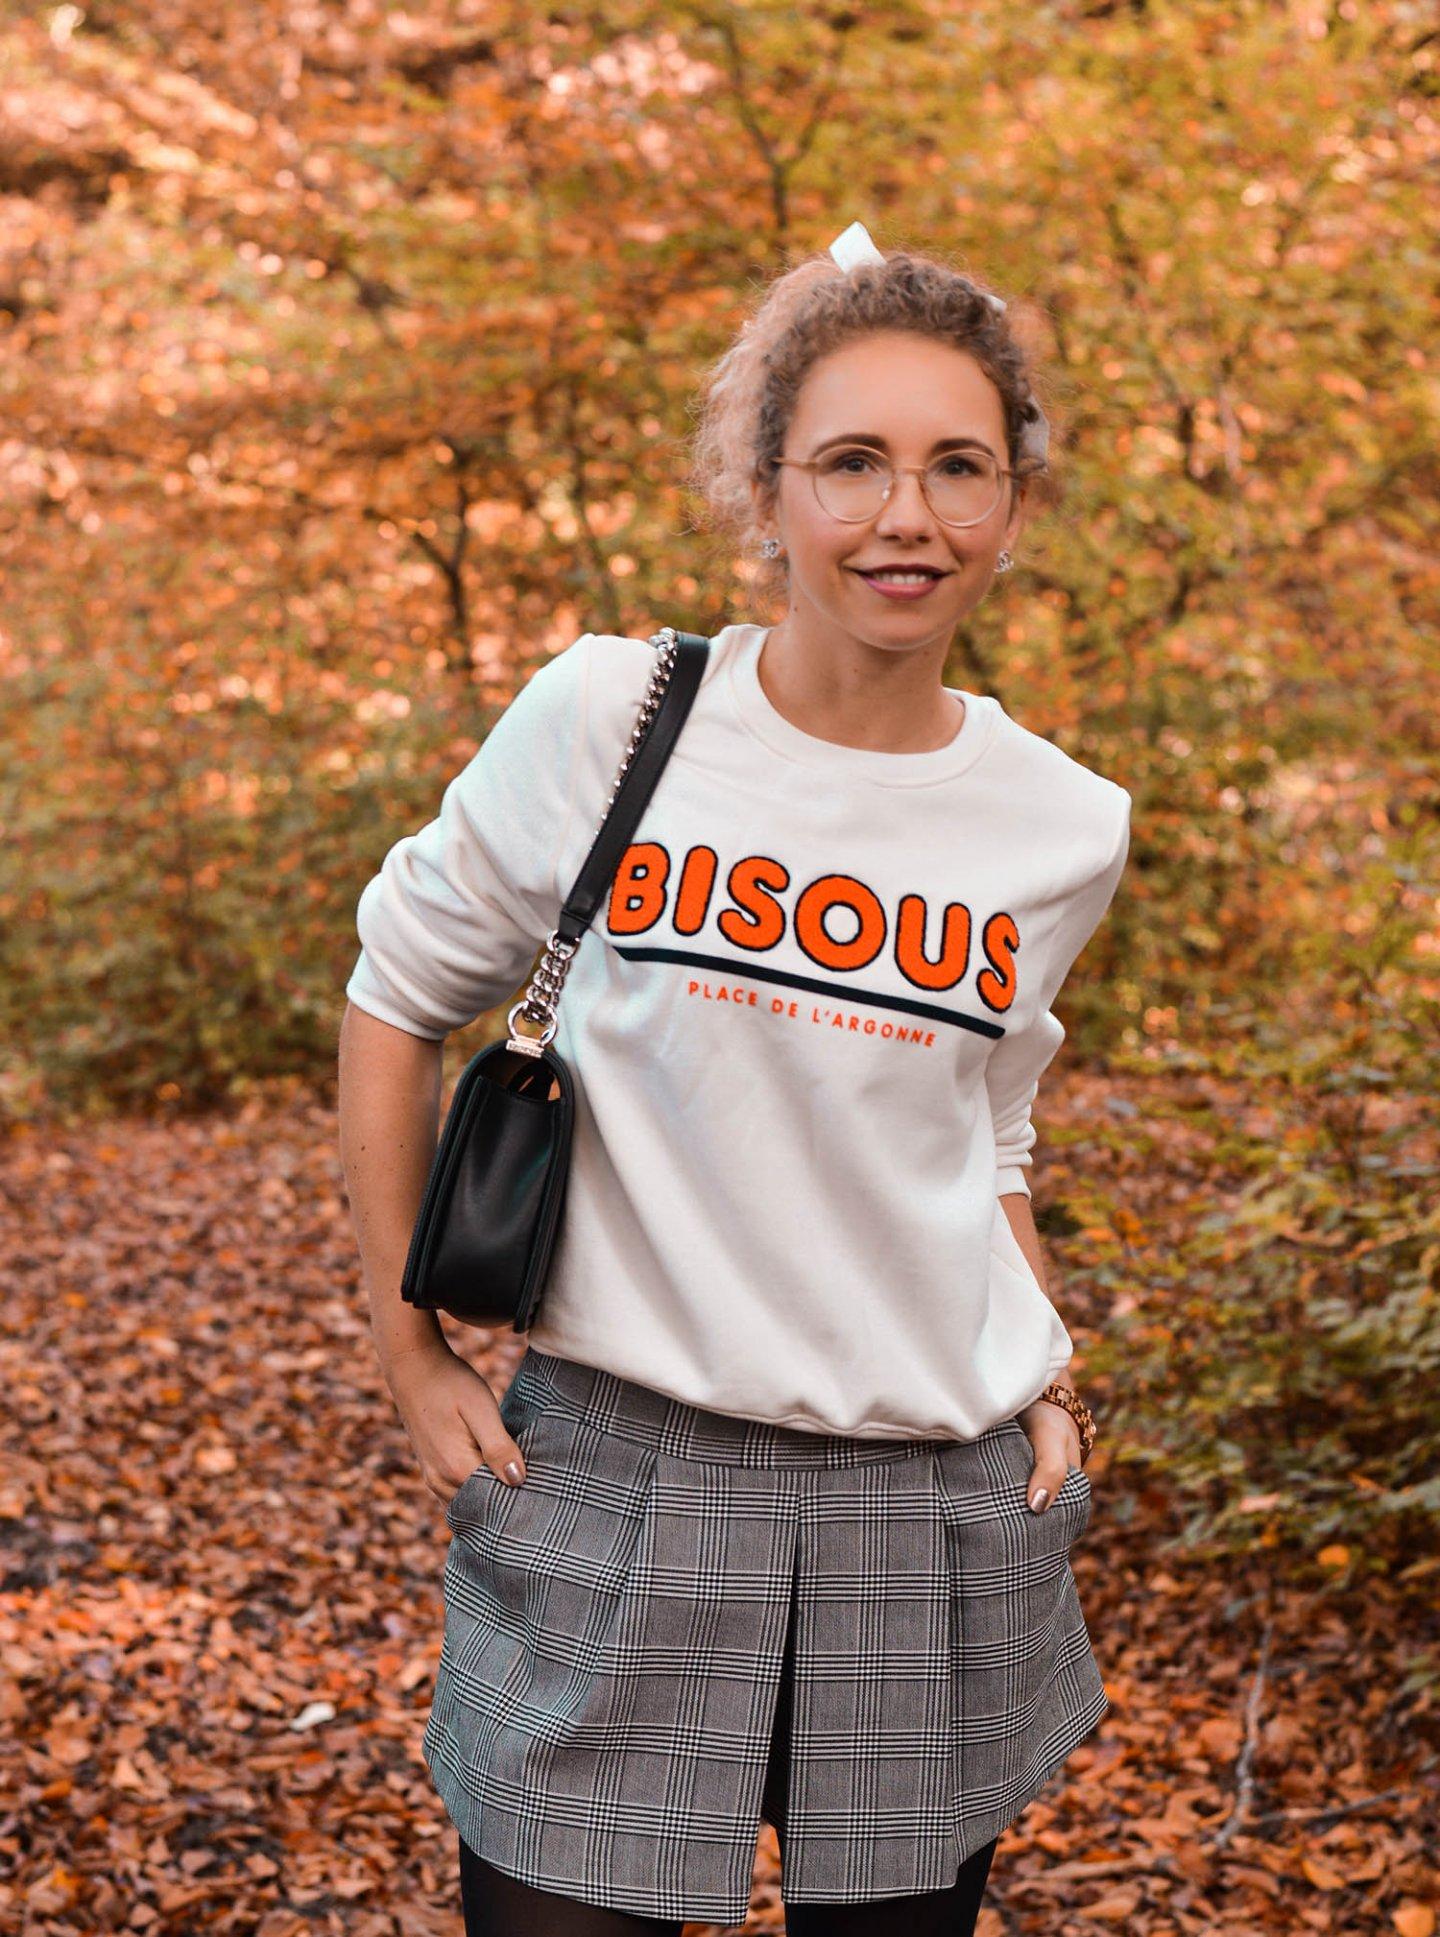 H&M Sweatshirt mit Bisous Print - Herbstlook